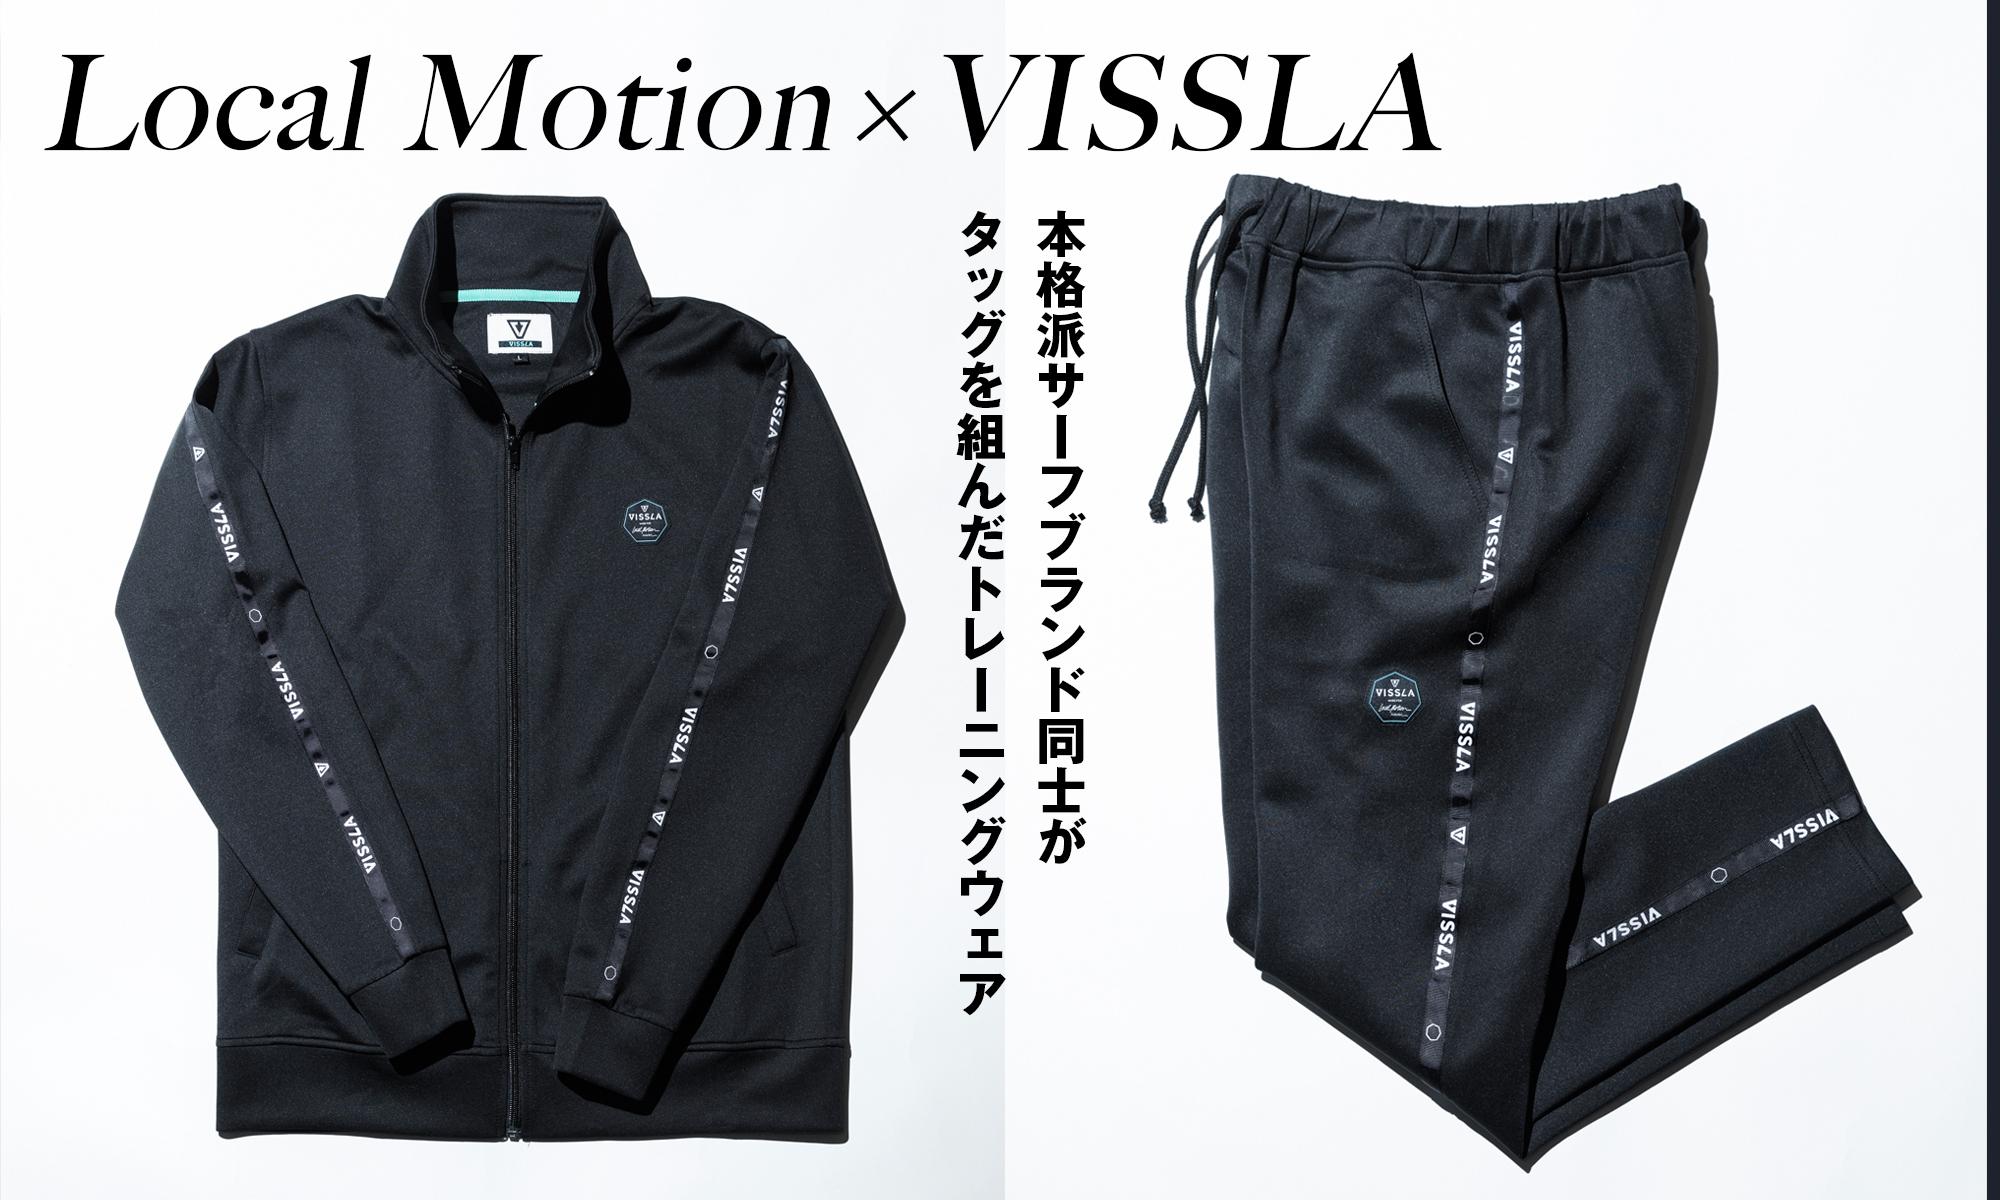 本格派サーフブランド同士がタッグを組んだトレーニングウェア -Local Motion×VISSLA-